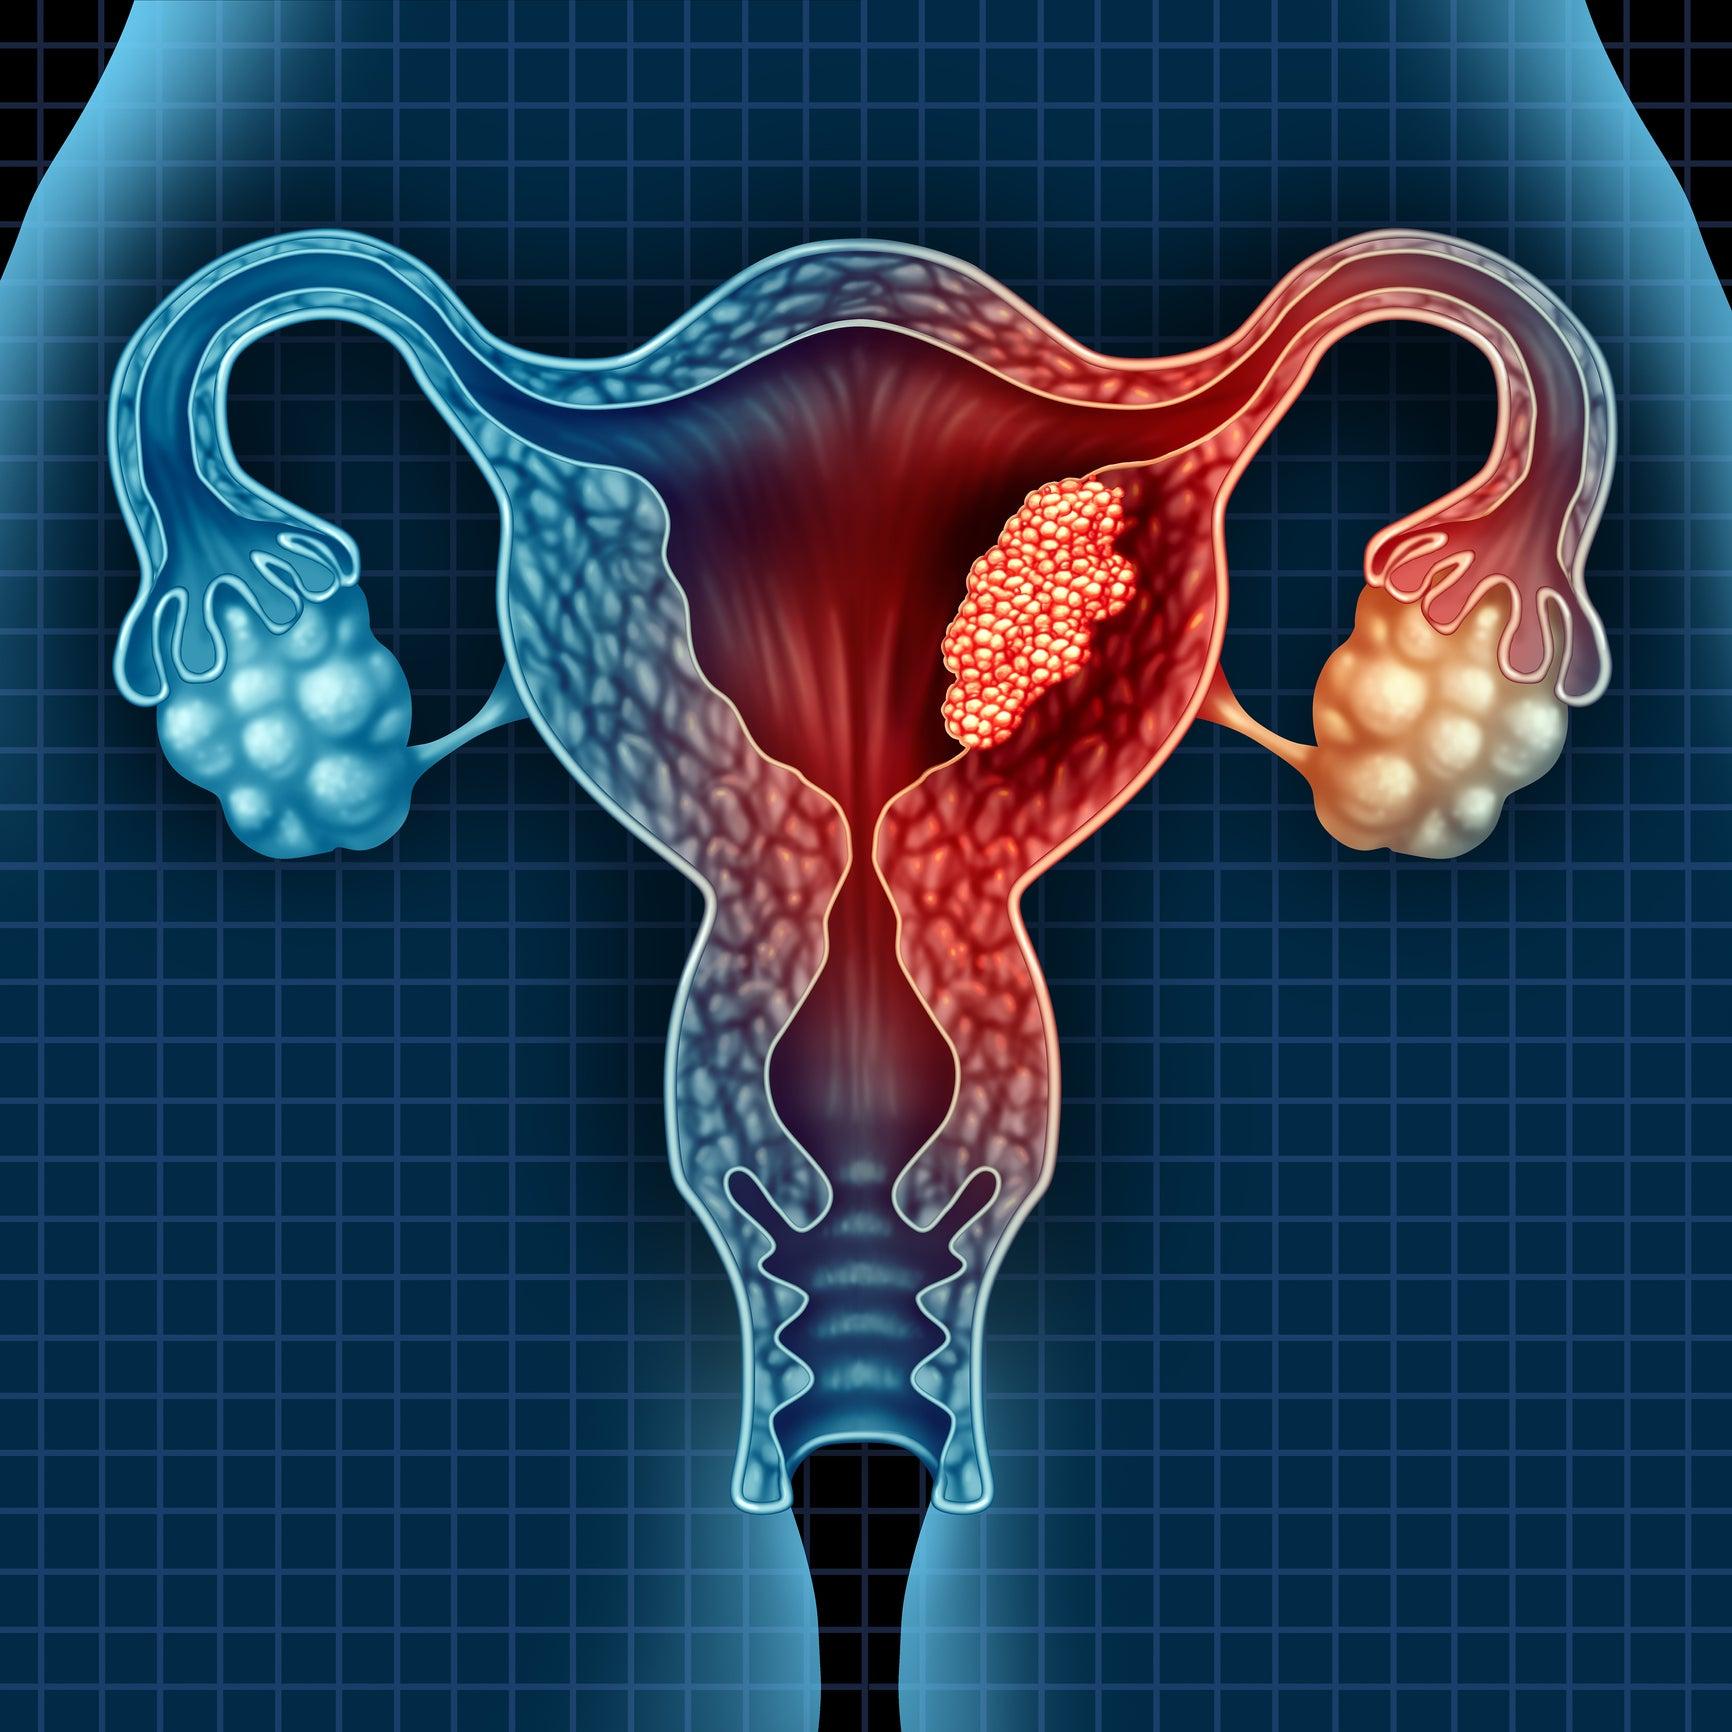 طريقة جديدة أسرع وأدق وأقل كلفة لاكتشاف سرطان عنق الرحم للع لم